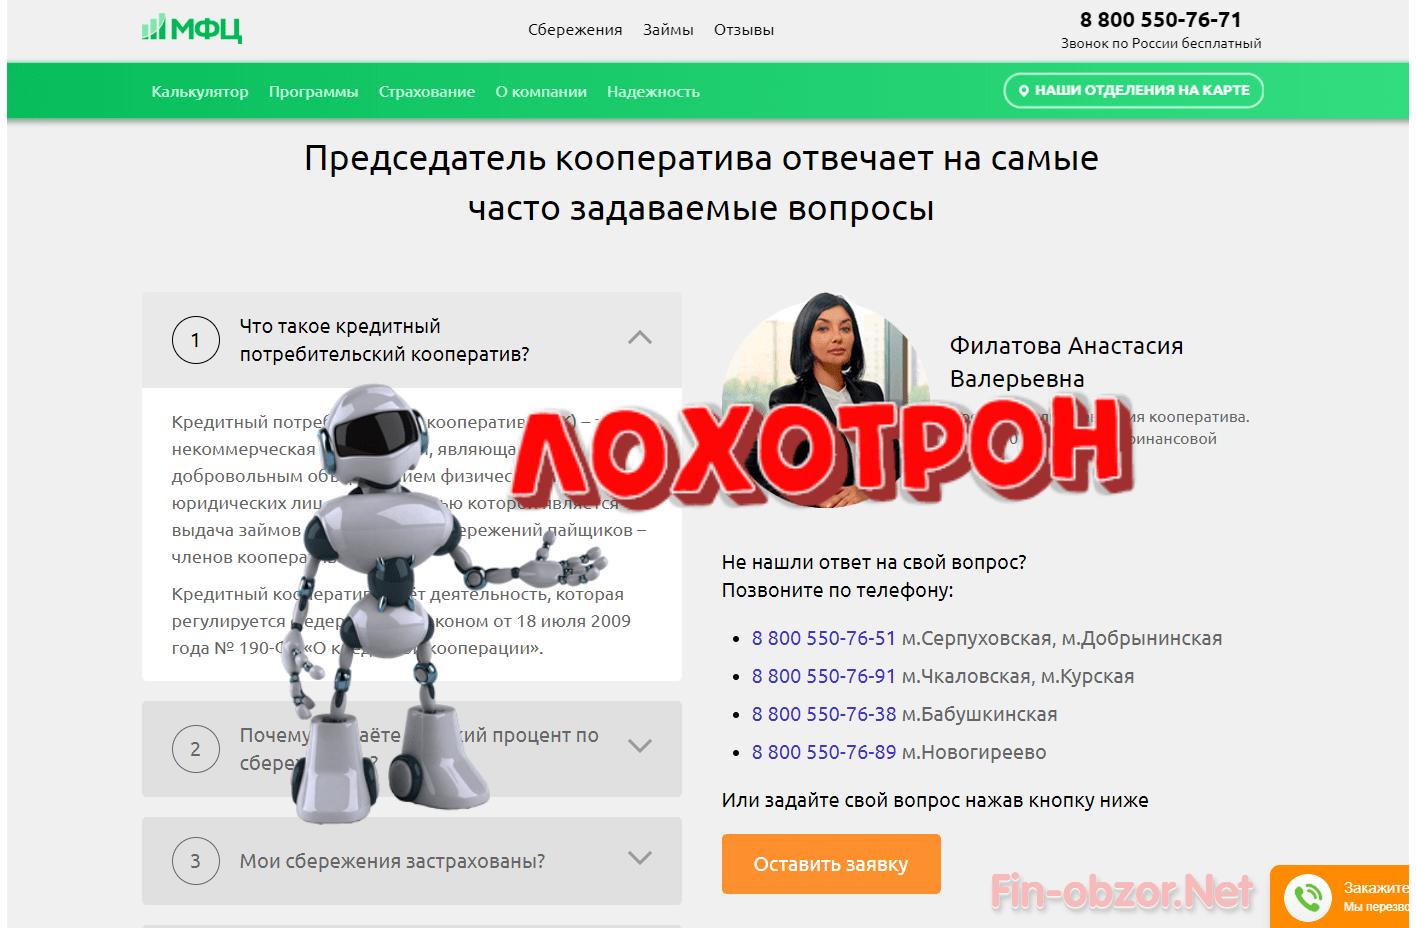 КПК Московский Финансовый Центр - отзывы вкладчиков. Развод или честный кооператив?